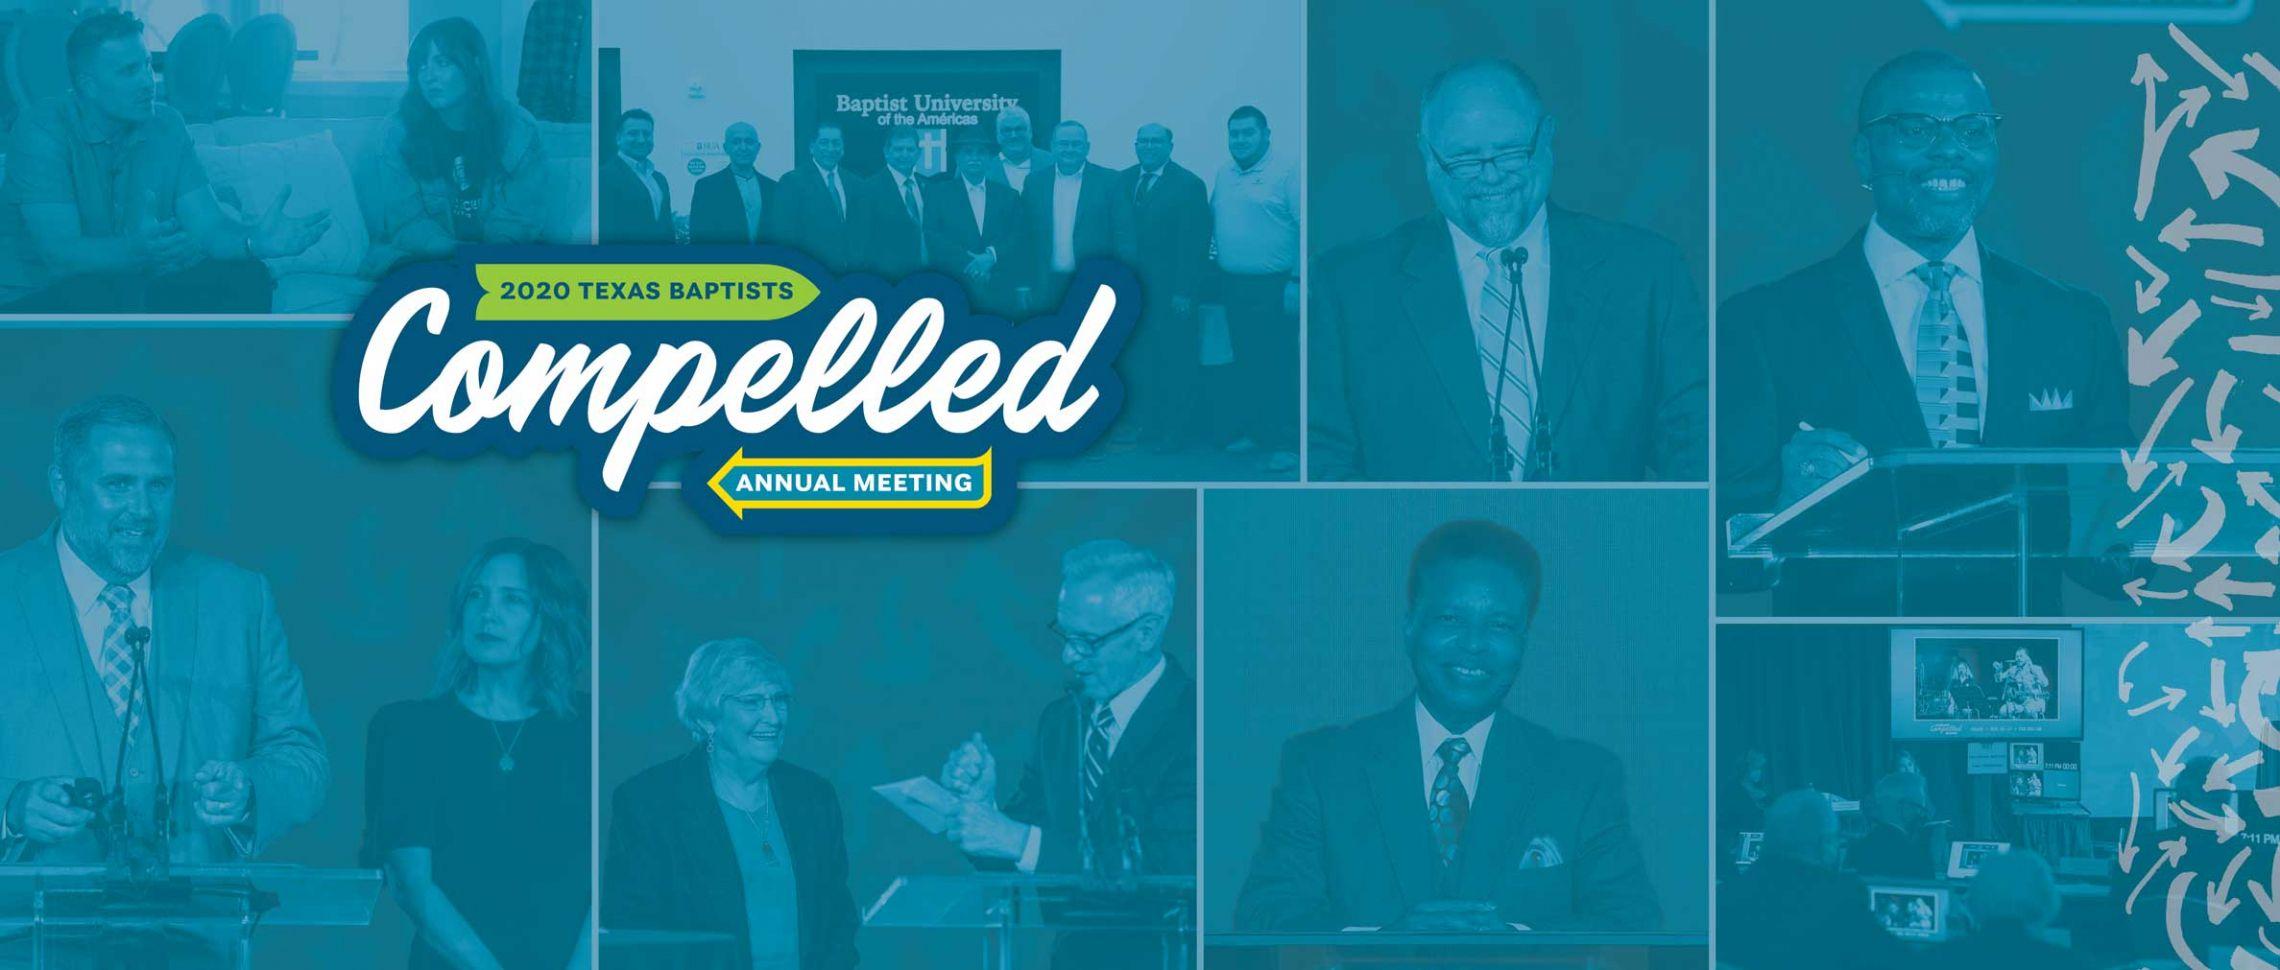 Clay Evans Fellowship Church Christmas December 23, 2020 Texas Baptists   News